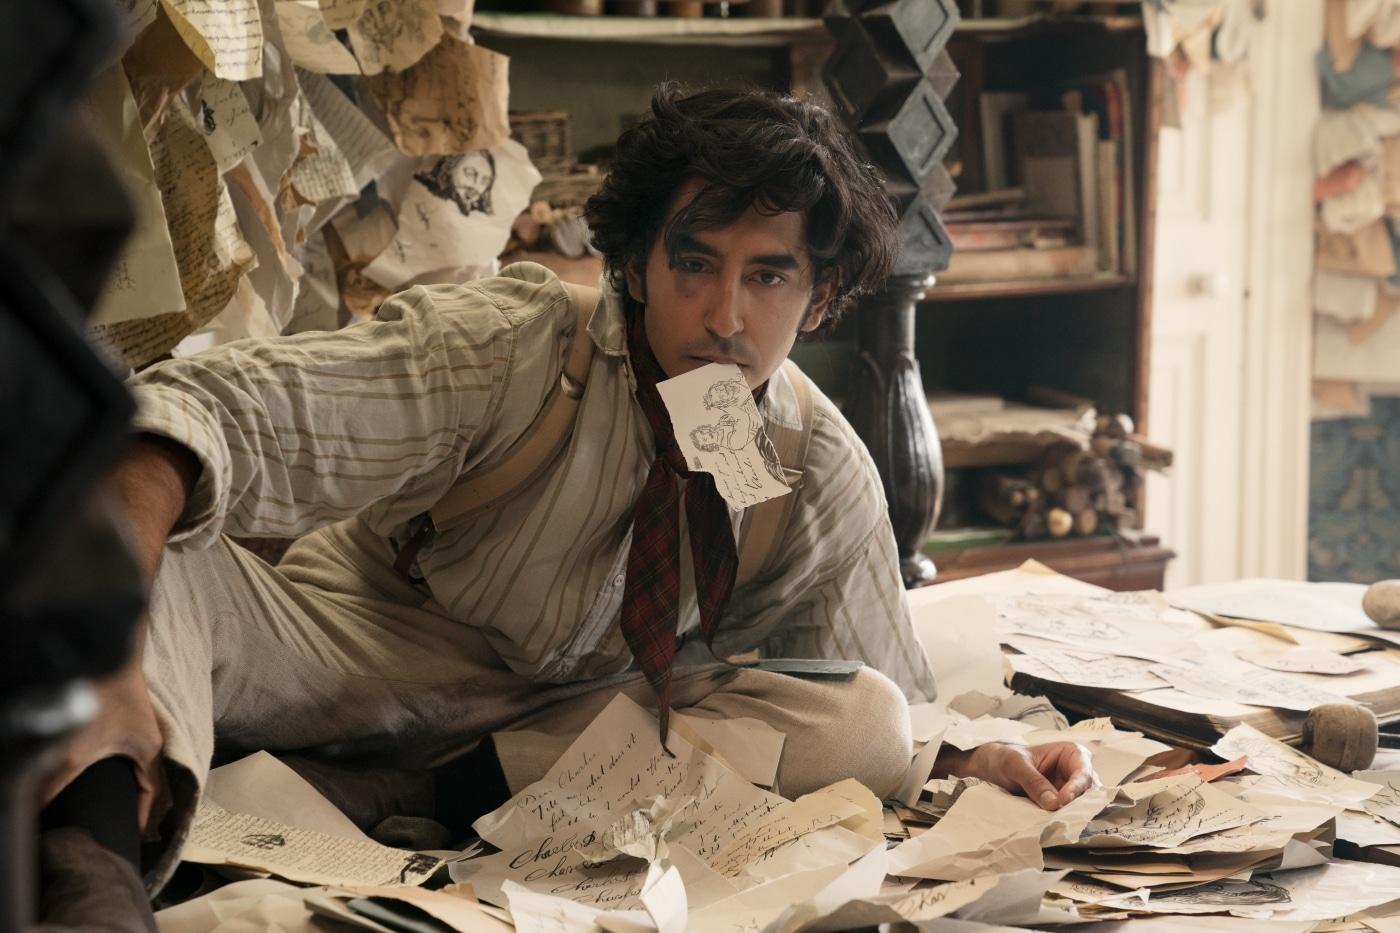 Dev Patel sitzt als David Copperfield vor einem riesigen Wirrwarr an Notizzetteln, einen dieser hält er zwischen den Lippen.